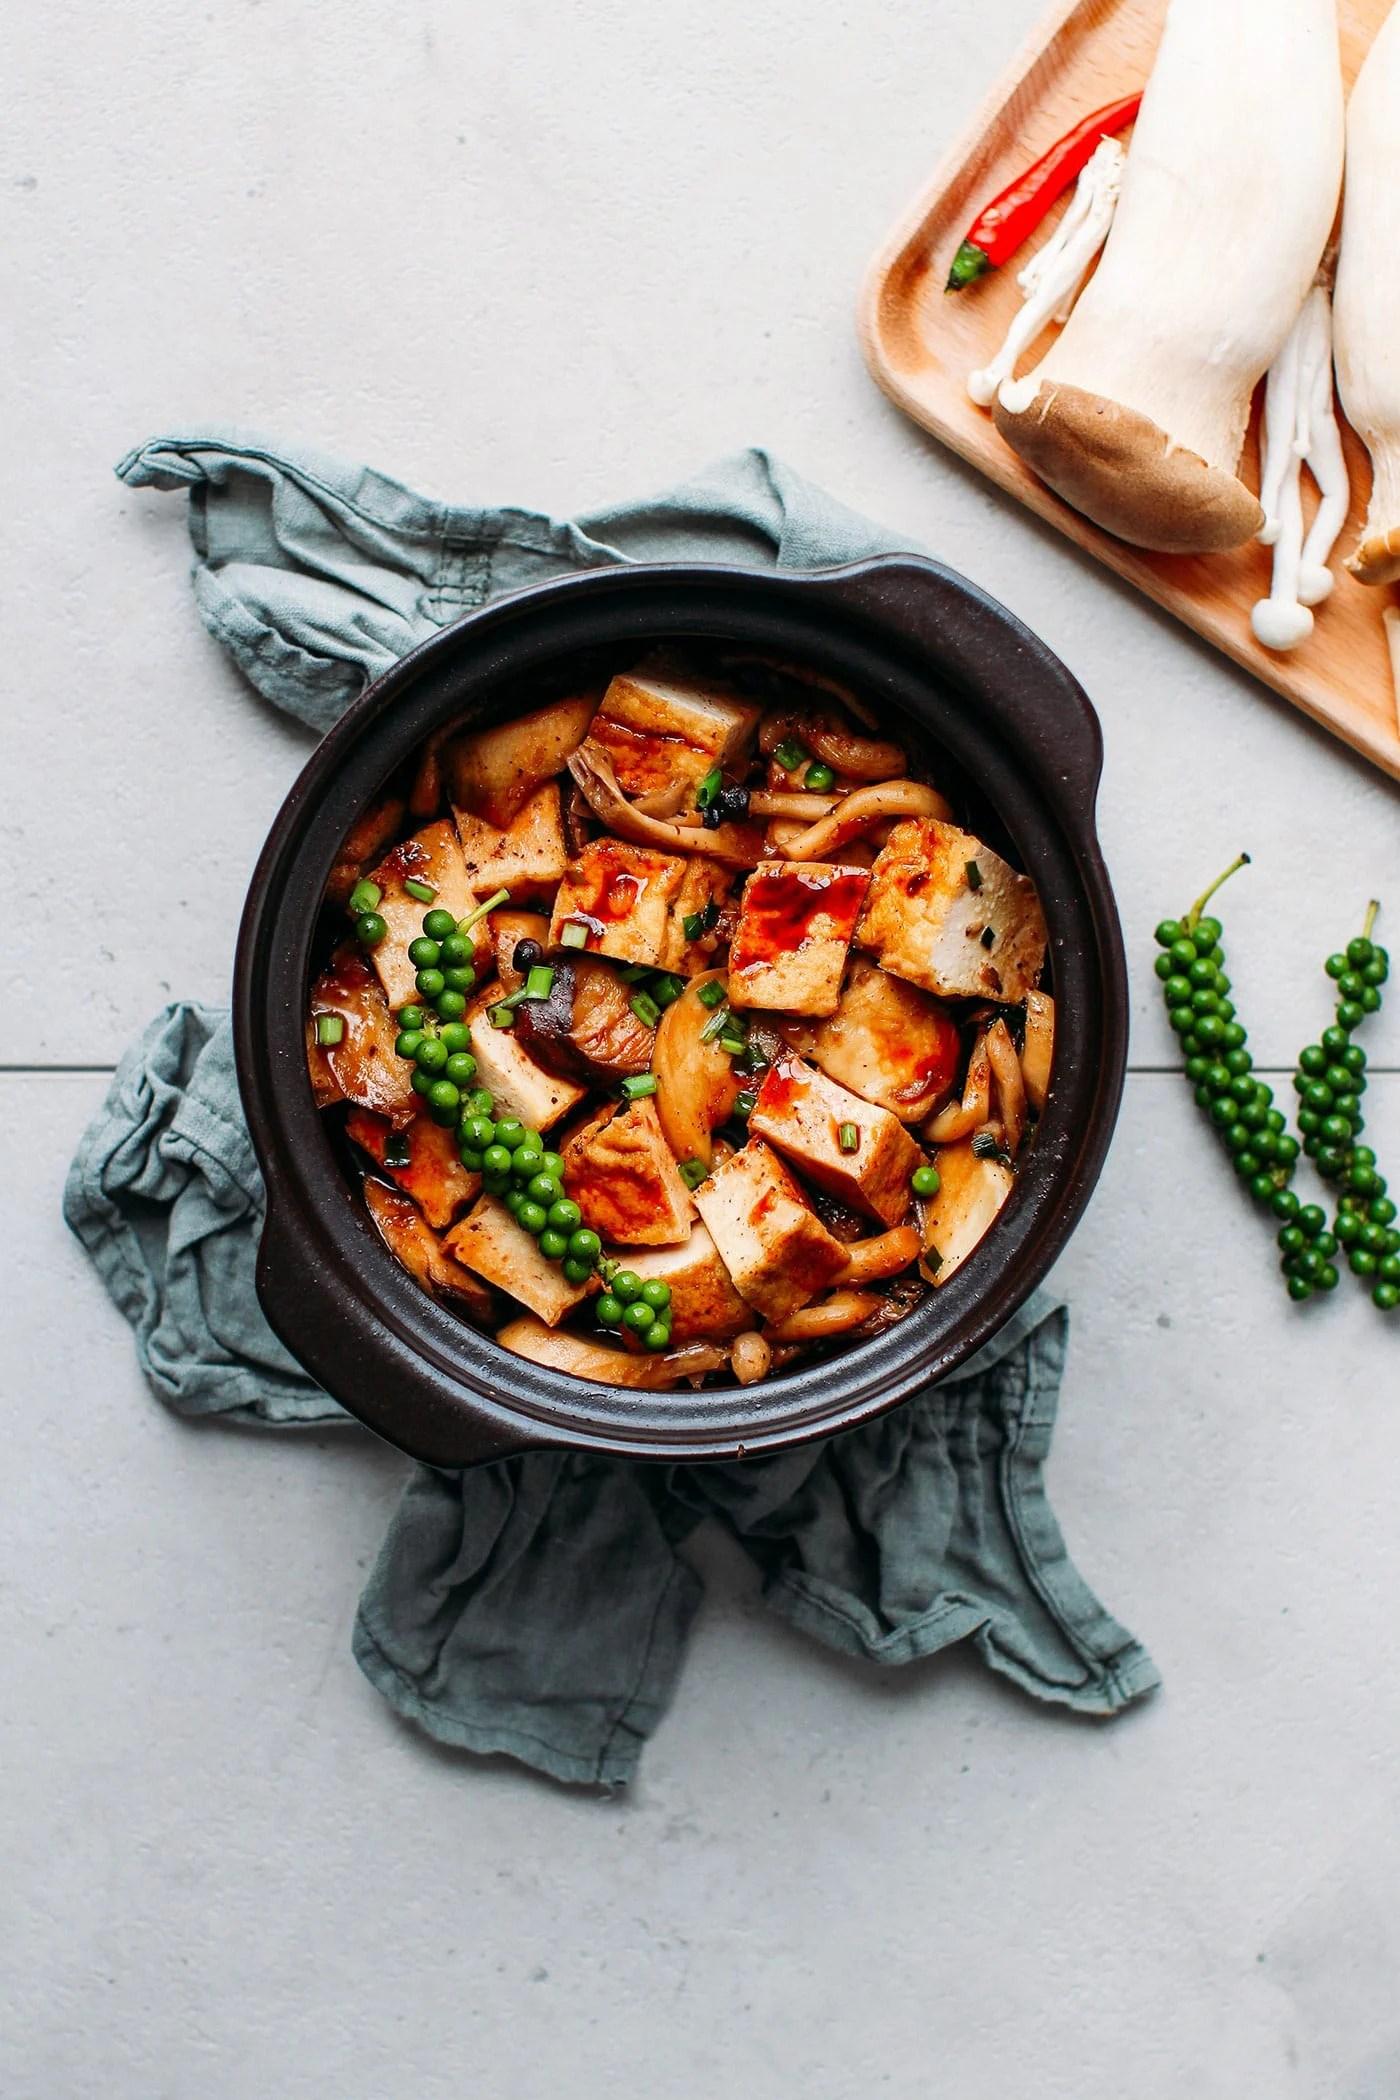 Braised Tofu & Mushrooms in Clay Pot